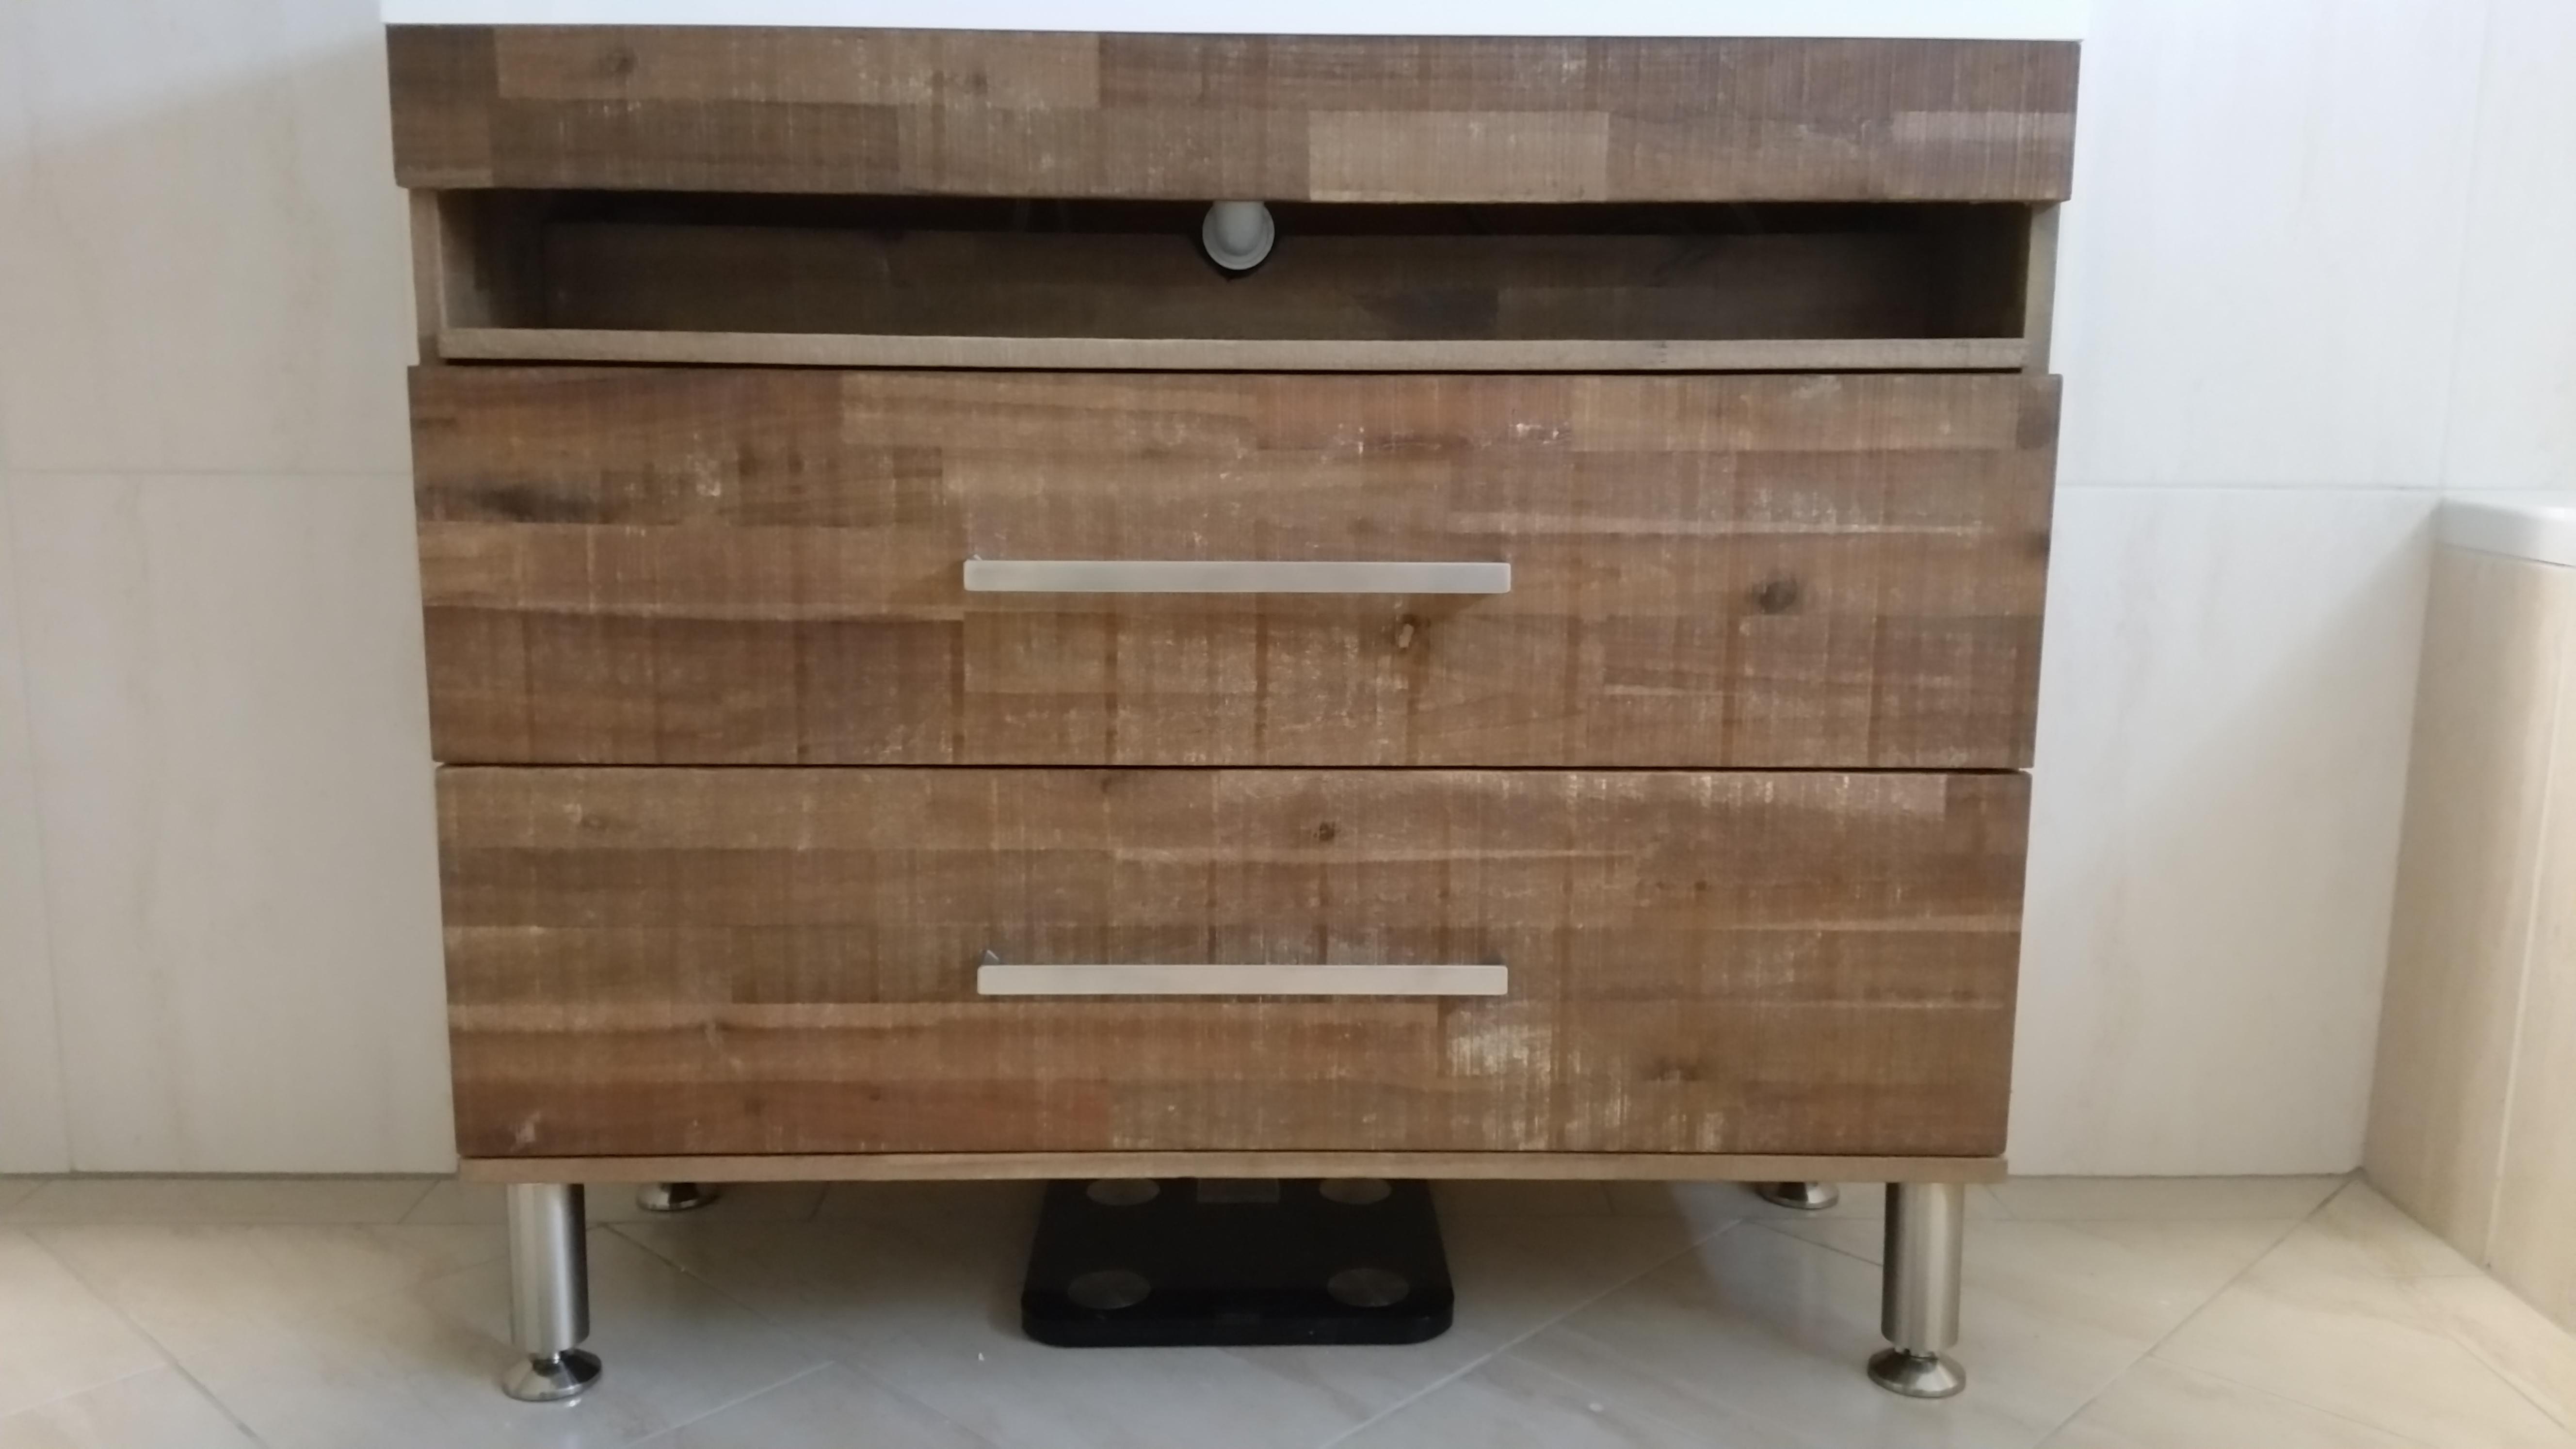 Inloopdouche Met Wastafelonderkast : Ruimtebesparend badmeubel van vintage hardhout panelen voordemakers.nl